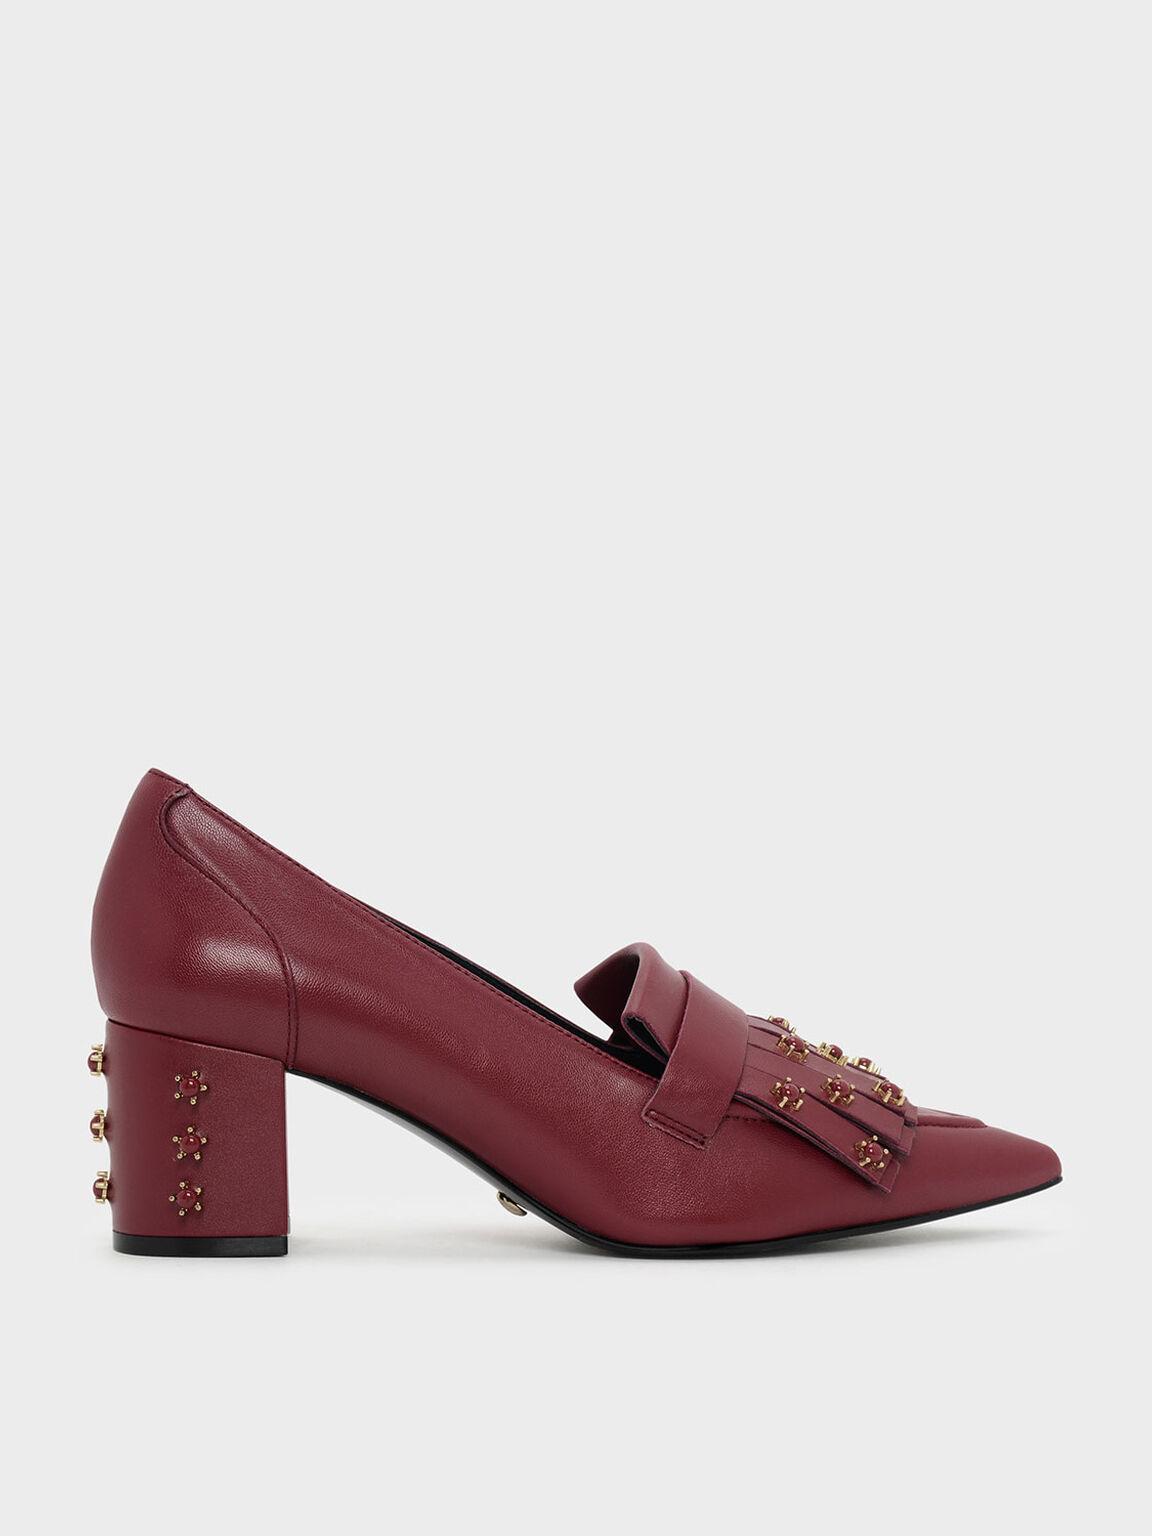 Embellished Leather Moccasins, Red, hi-res